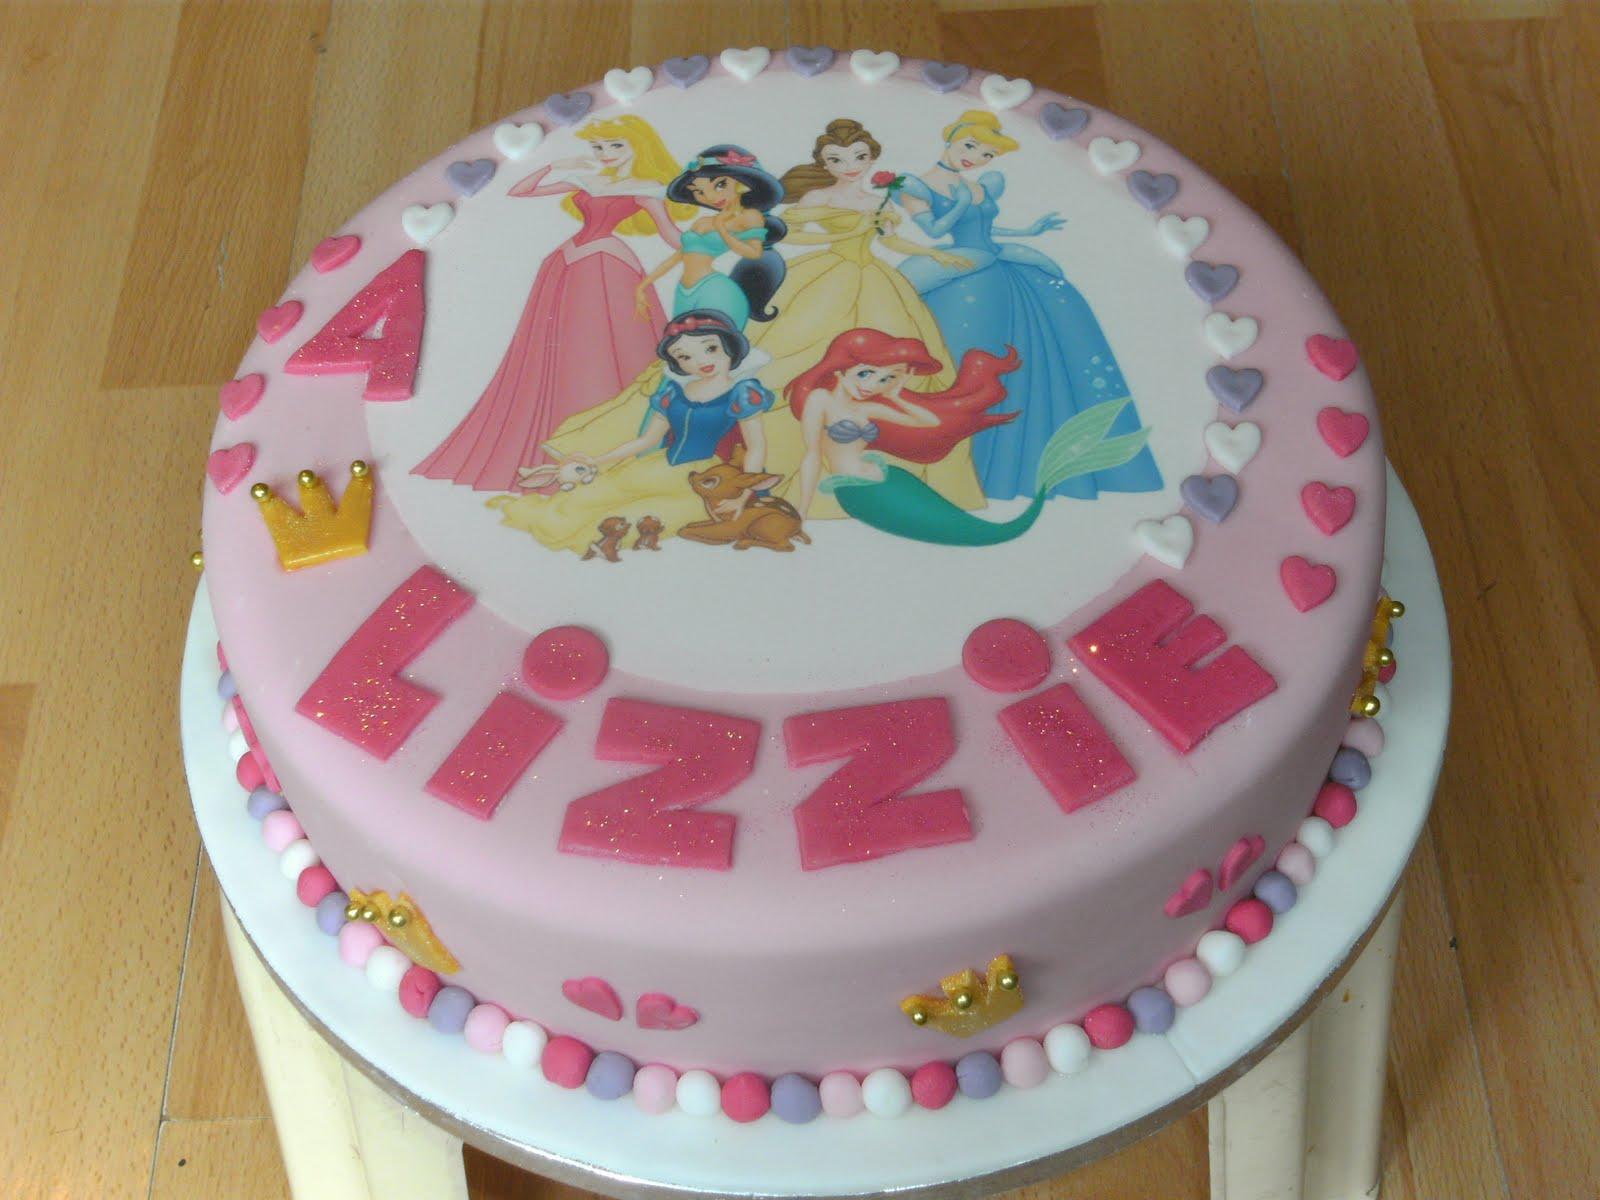 Sam s Cakes: Disney Princess Cake